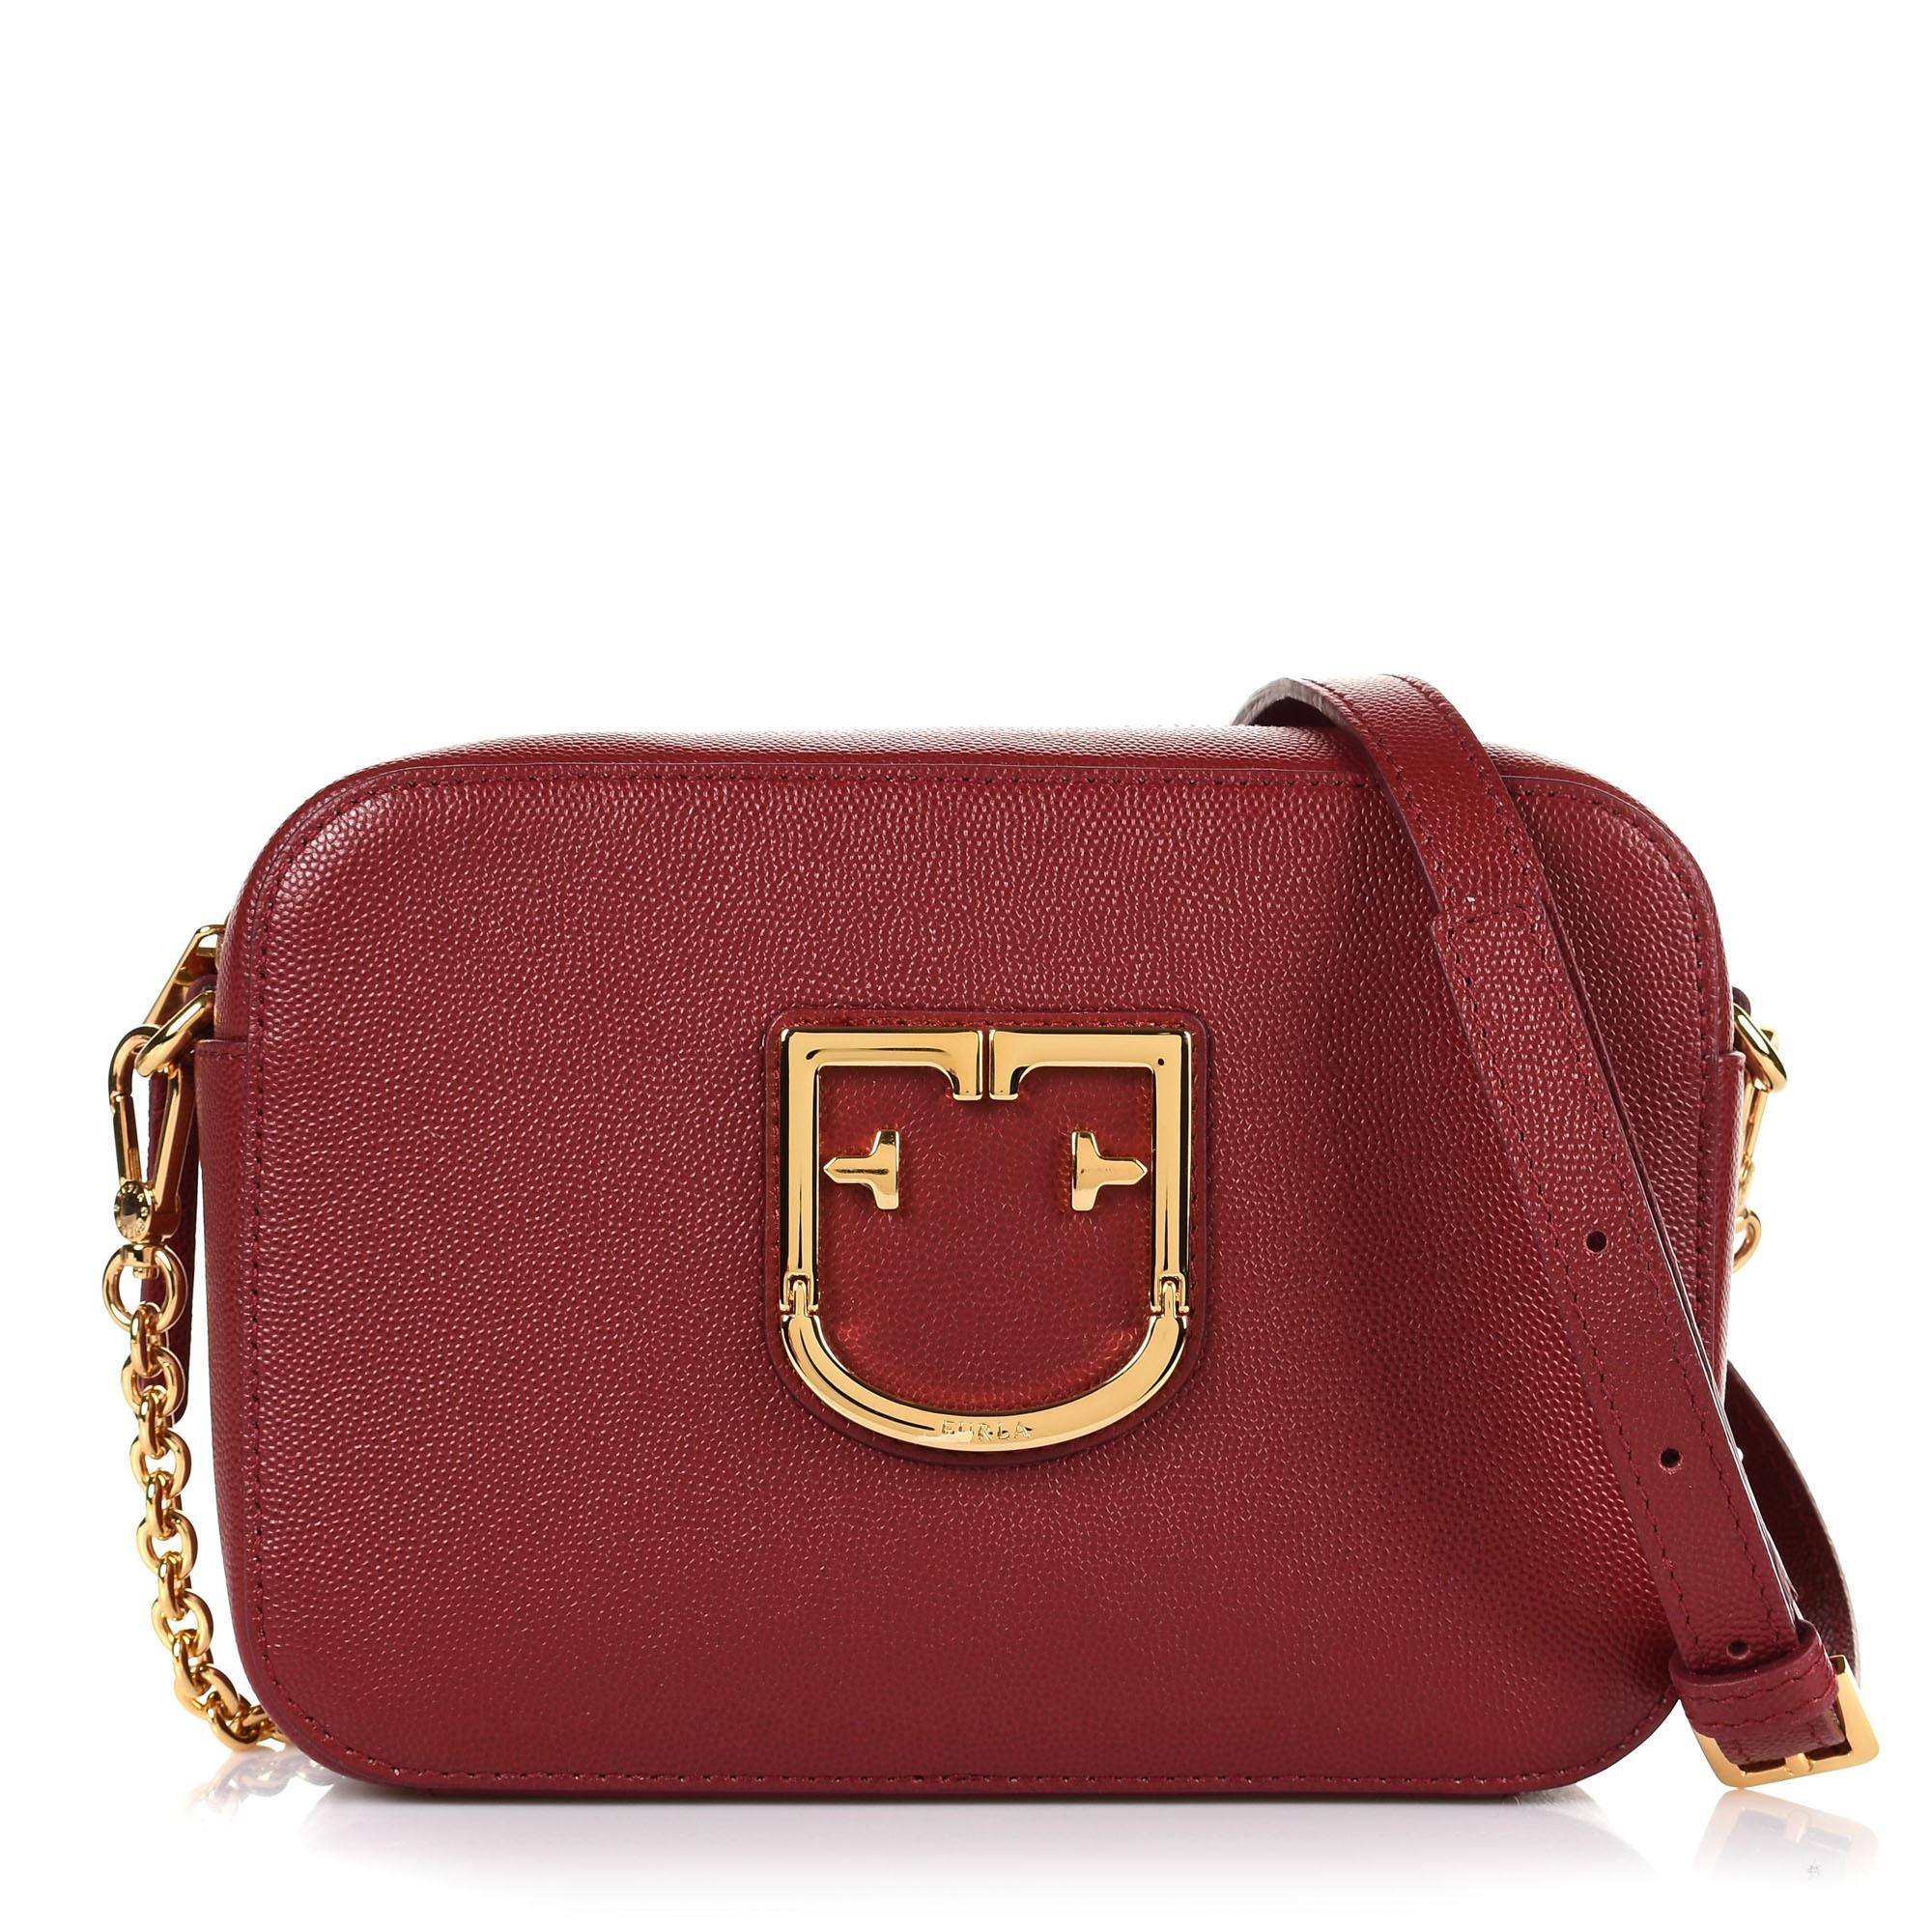 cb0da7a415 Brand Bags Δερμάτινο Τσαντάκι Ώμου-Χιαστί Furla 10139